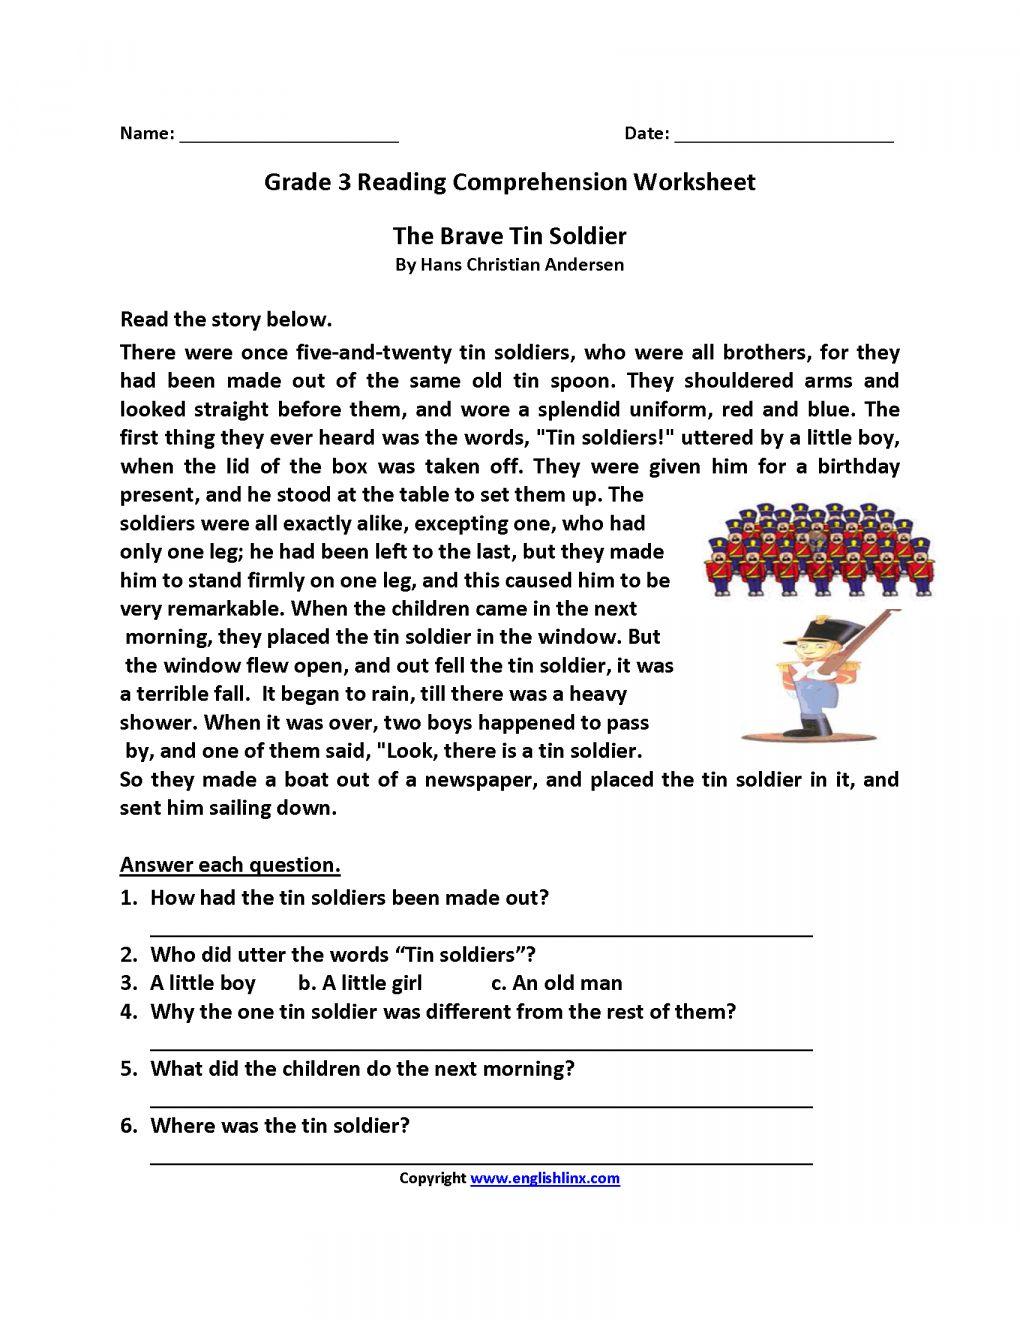 10 3rd Grade Comprehension Worksheets Reading Comprehension Worksheets Comprehension Worksheets 4th Grade Reading Worksheets